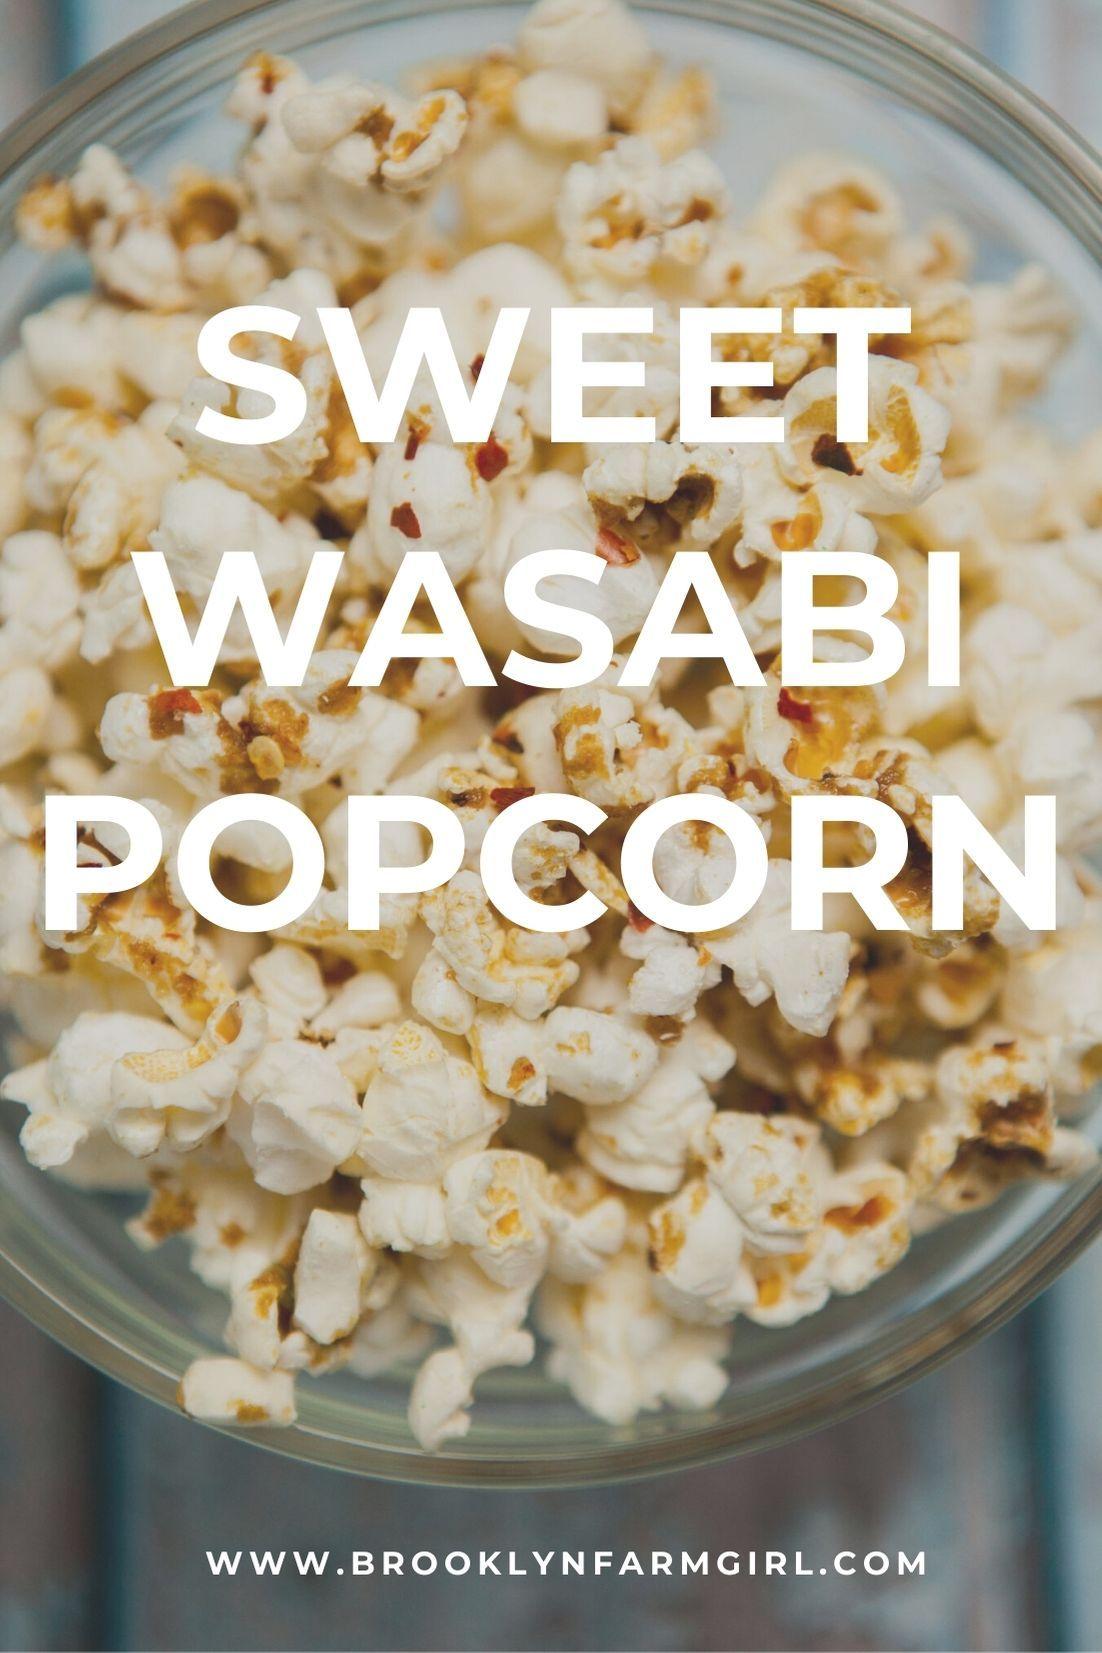 Wasabi Popcorn Recipe Popcorn Recipes Healthy No Calorie Snacks Healthy Popcorn